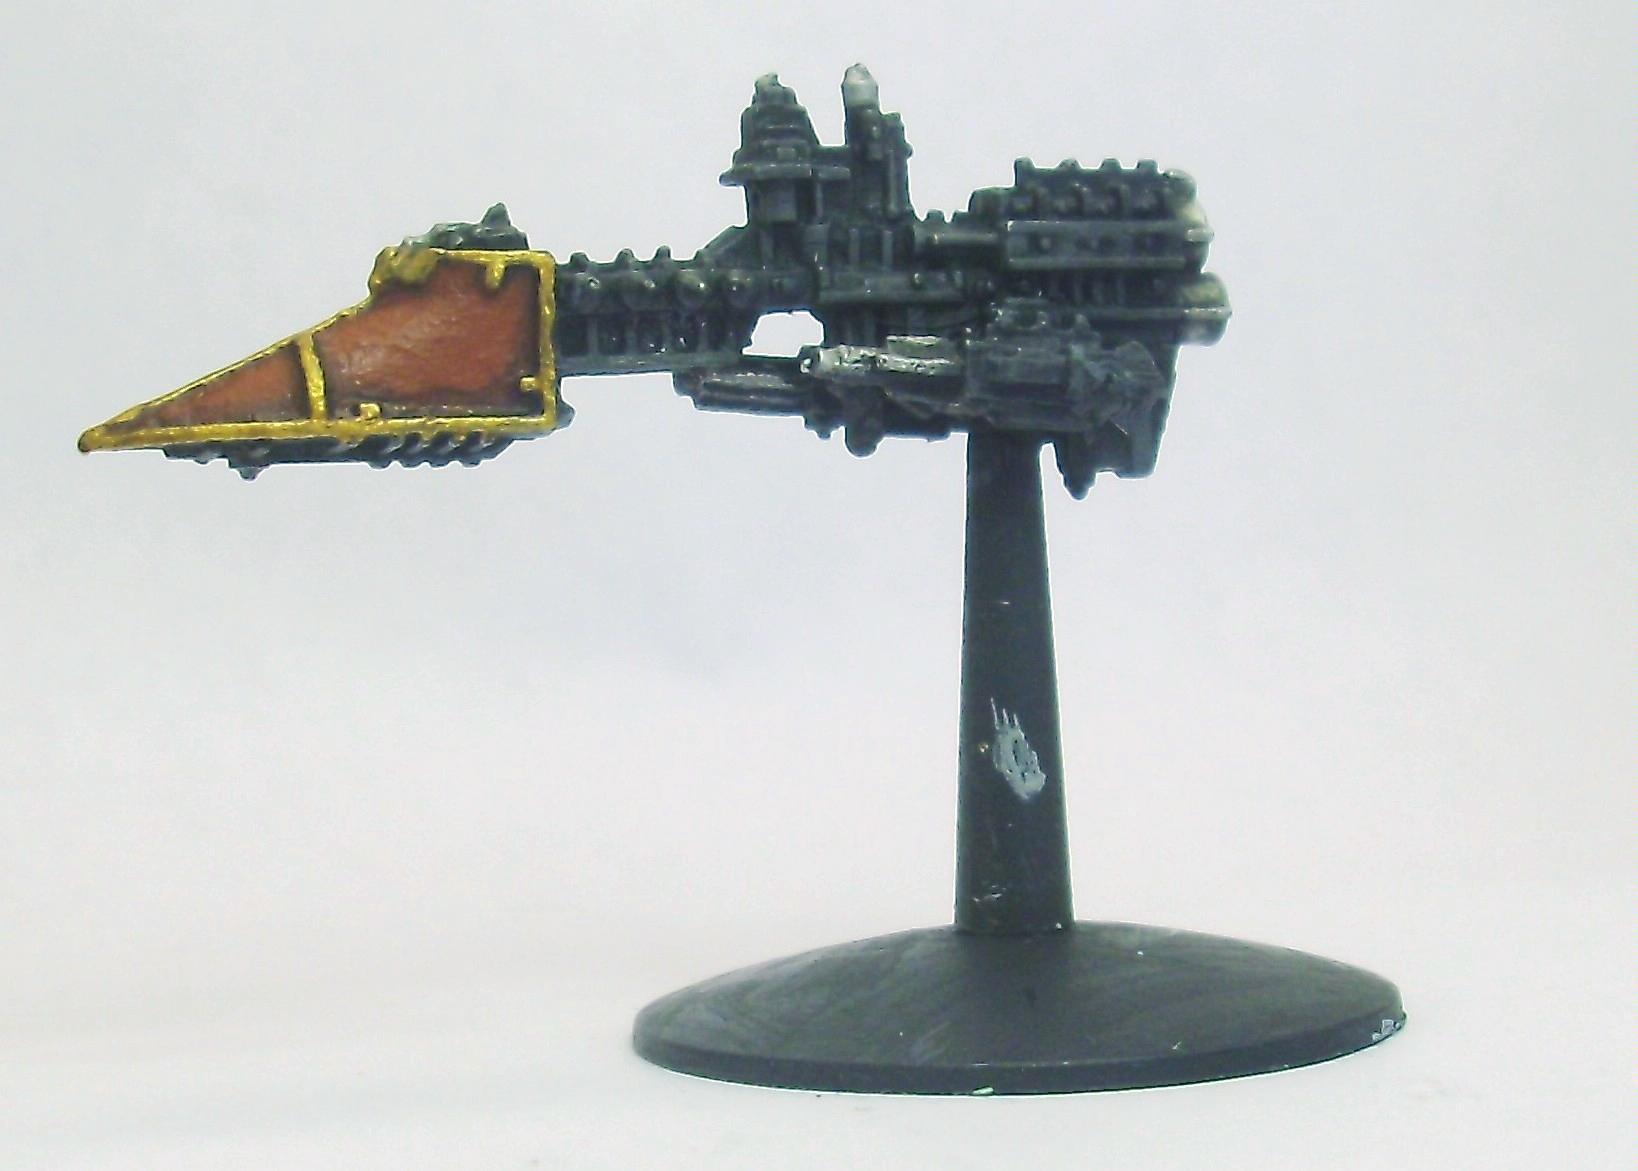 Sword-class Frigate